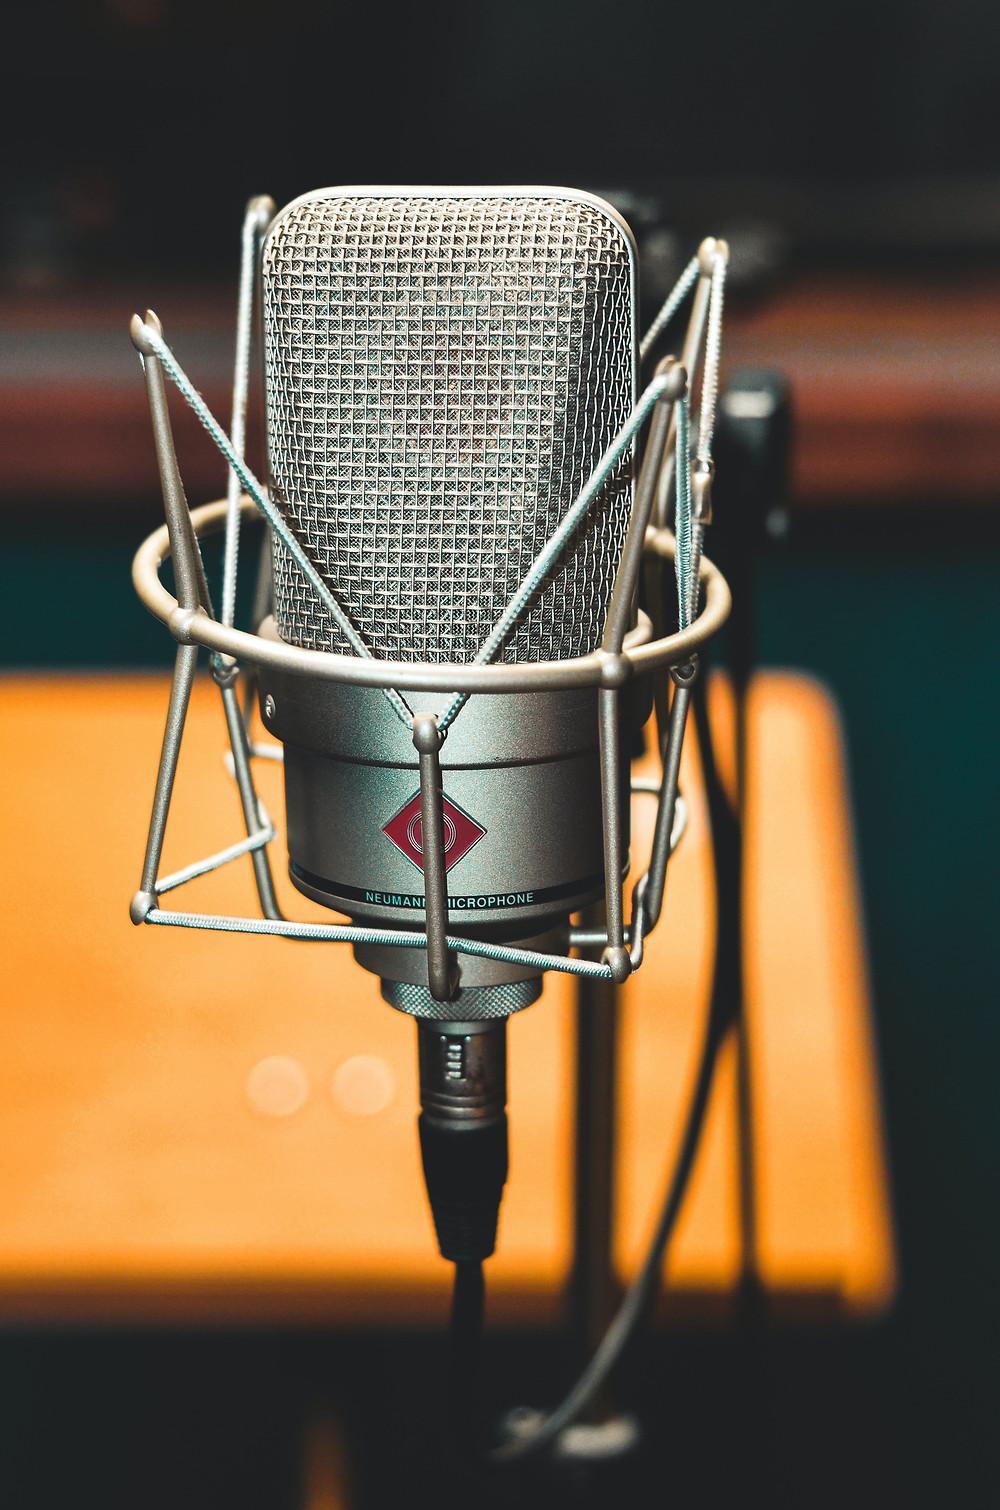 photo du microphone Neumann TLM 102